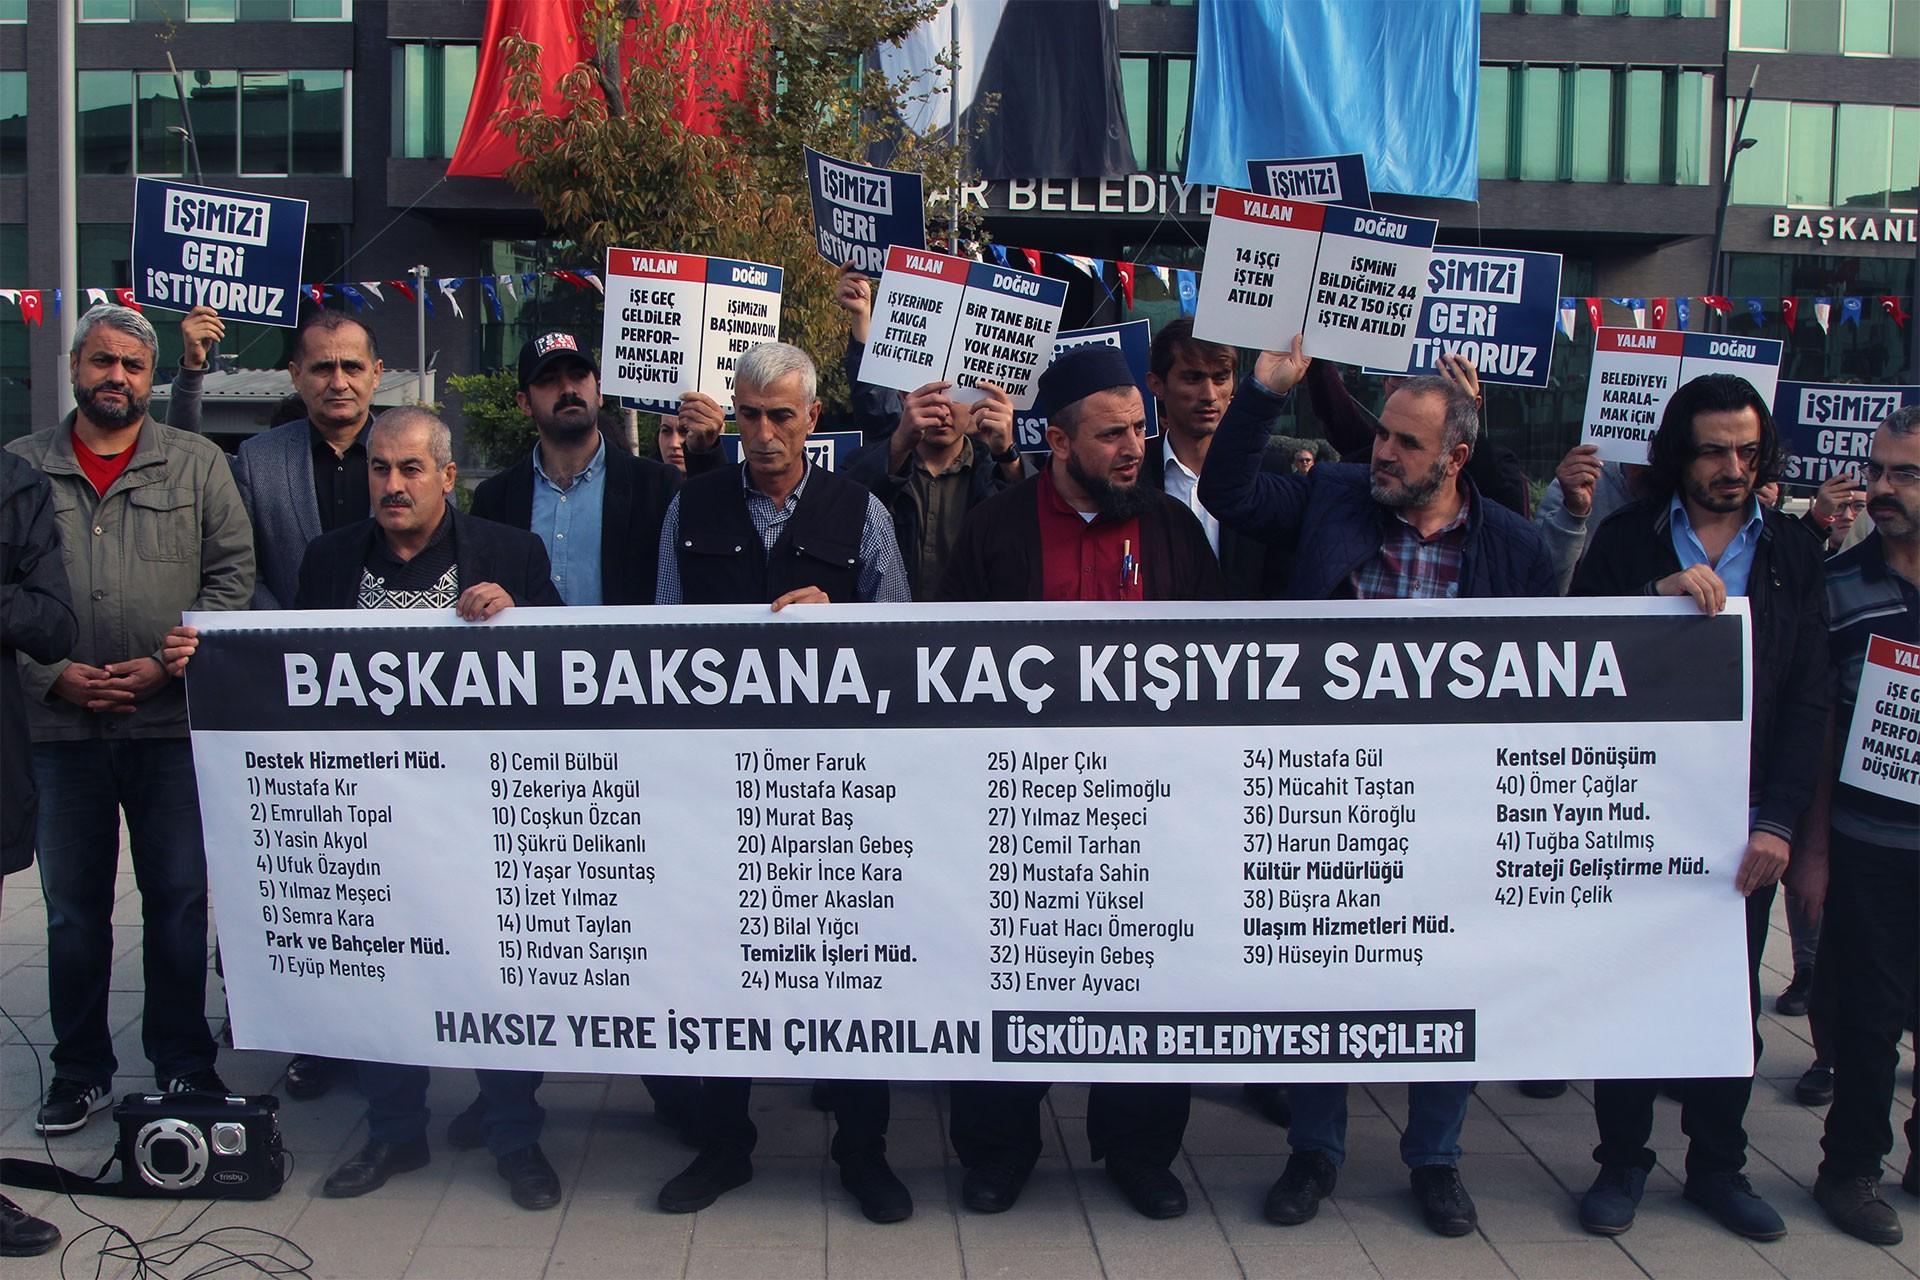 Üsküdar Belediyesinden atılan işçiler: AKP'nin seçim kampanyasında çalıştırıldık